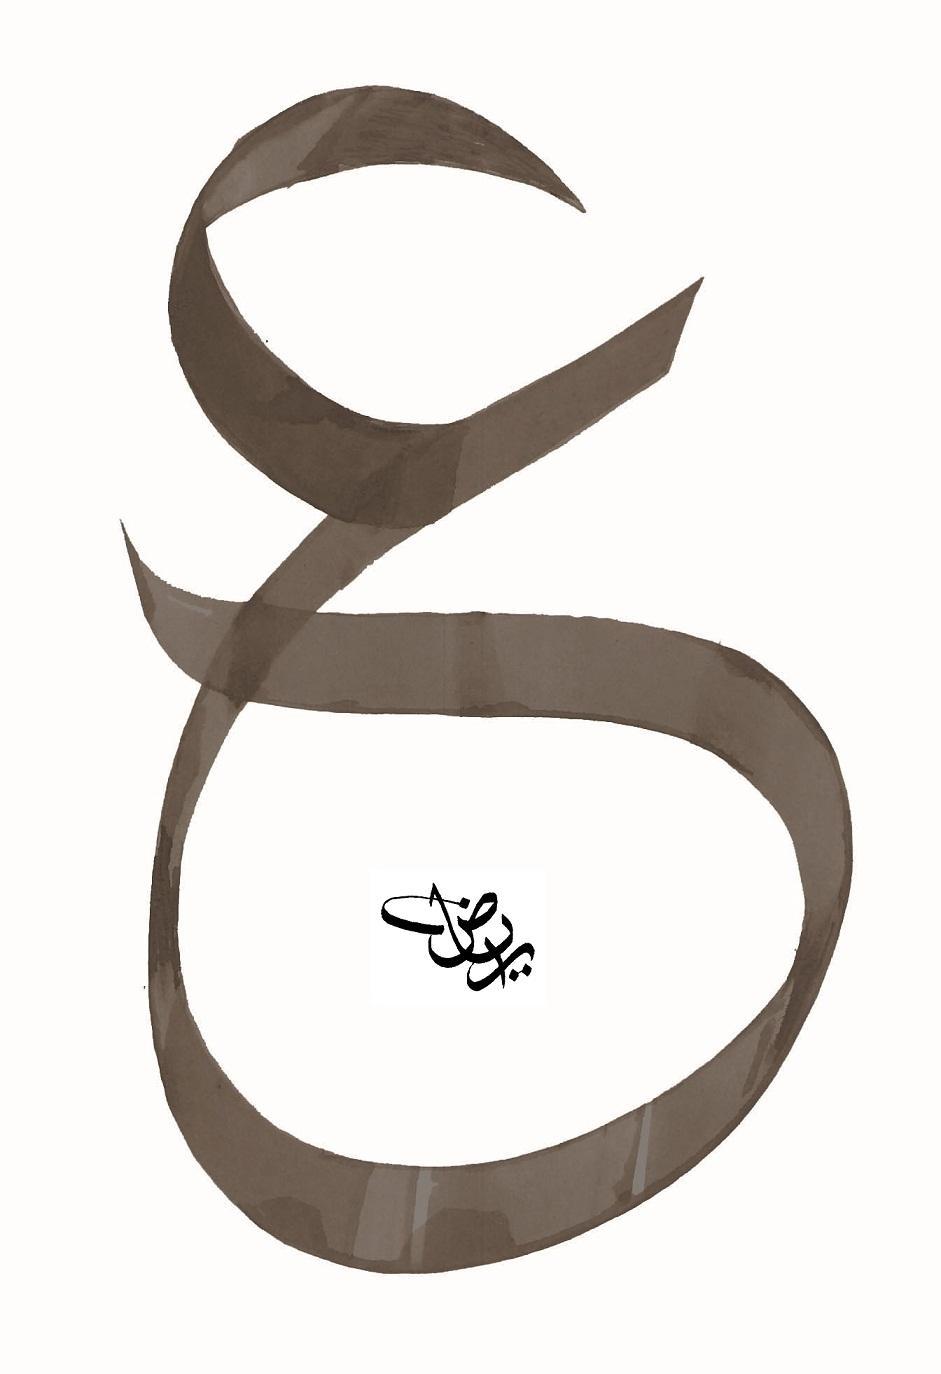 صورة خلفيات بحرف ع , اجمل الخلفيات الرومانسيه لحرف العين